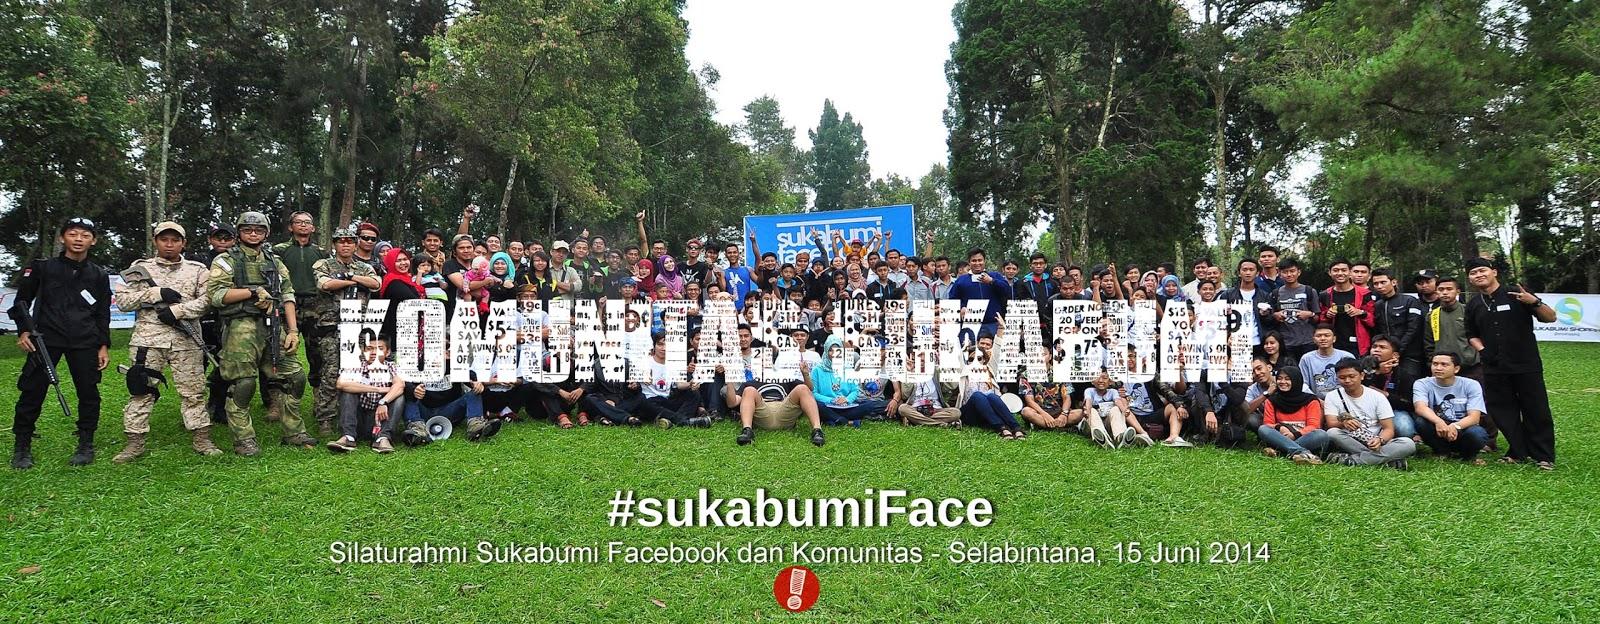 AWAS ! Gerombolan Komunitas Bersarang di Sukabumi